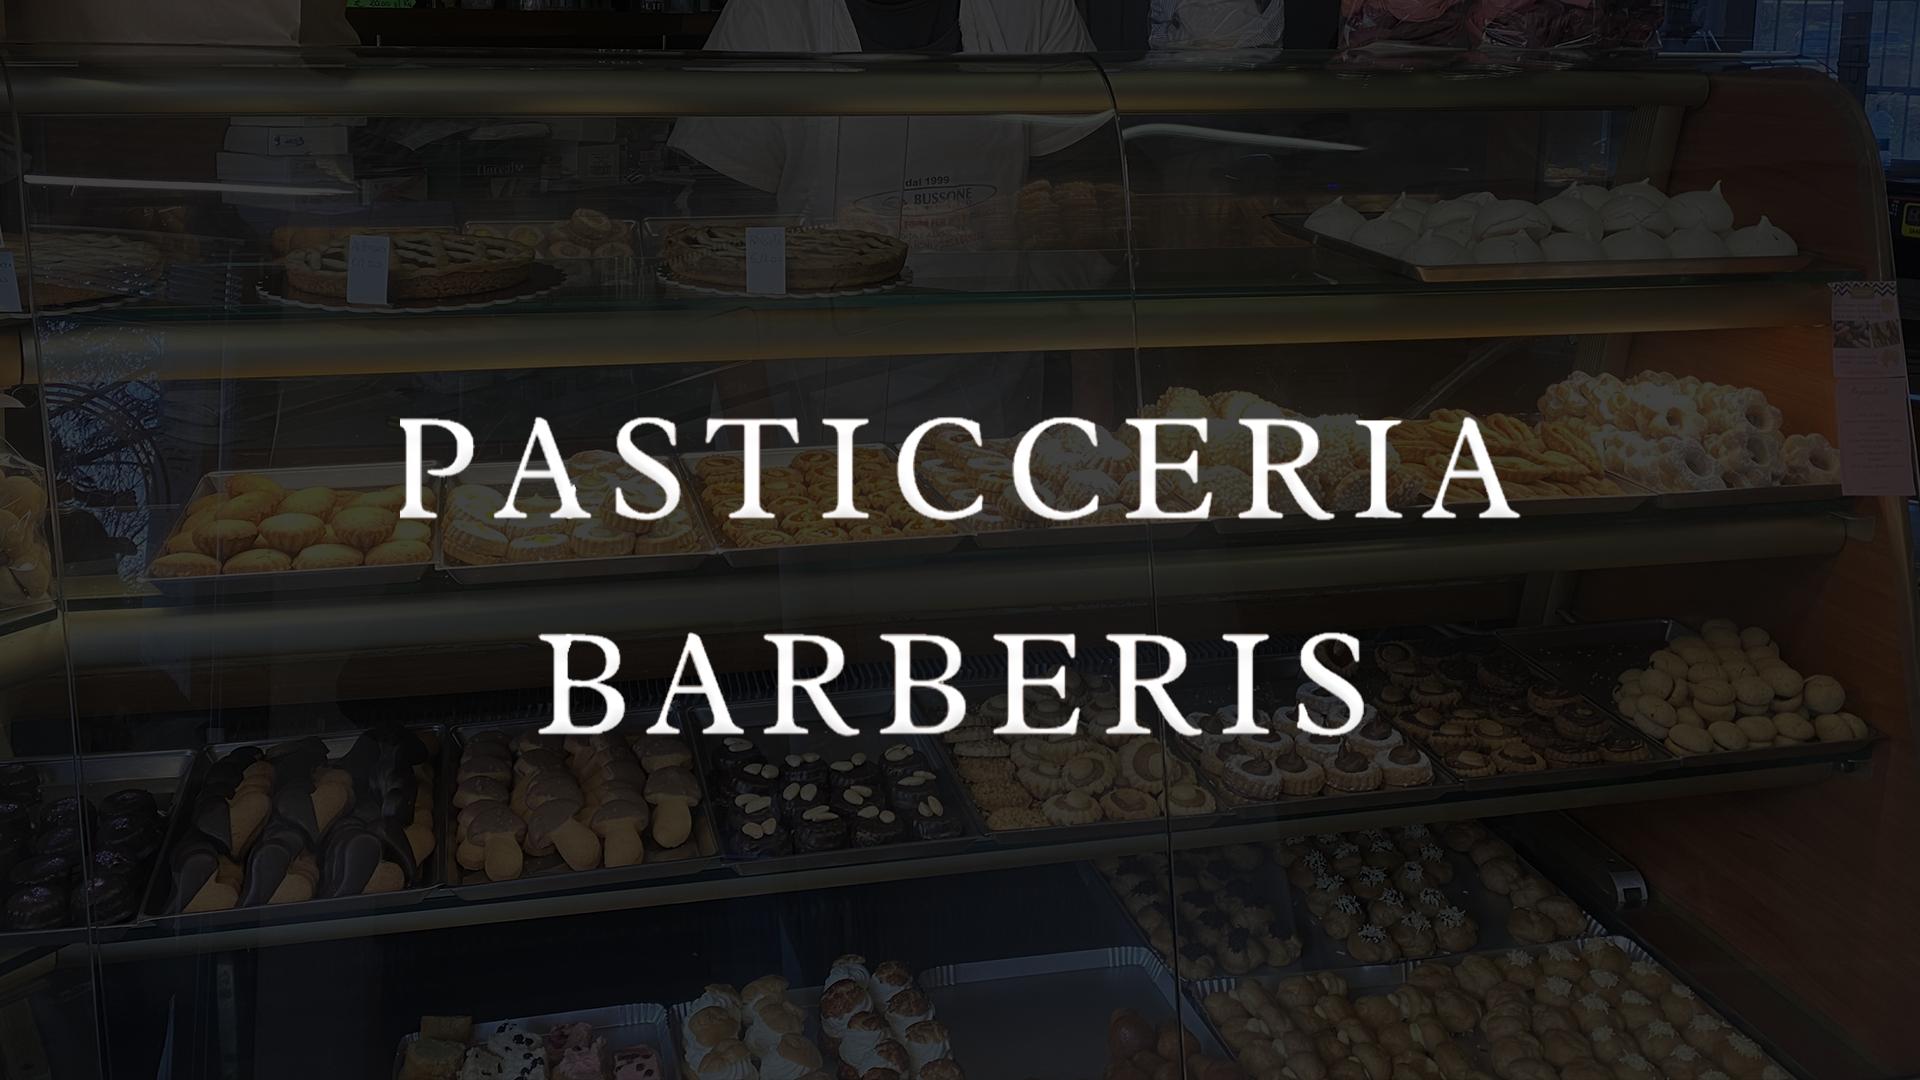 Pasticceria Barberis